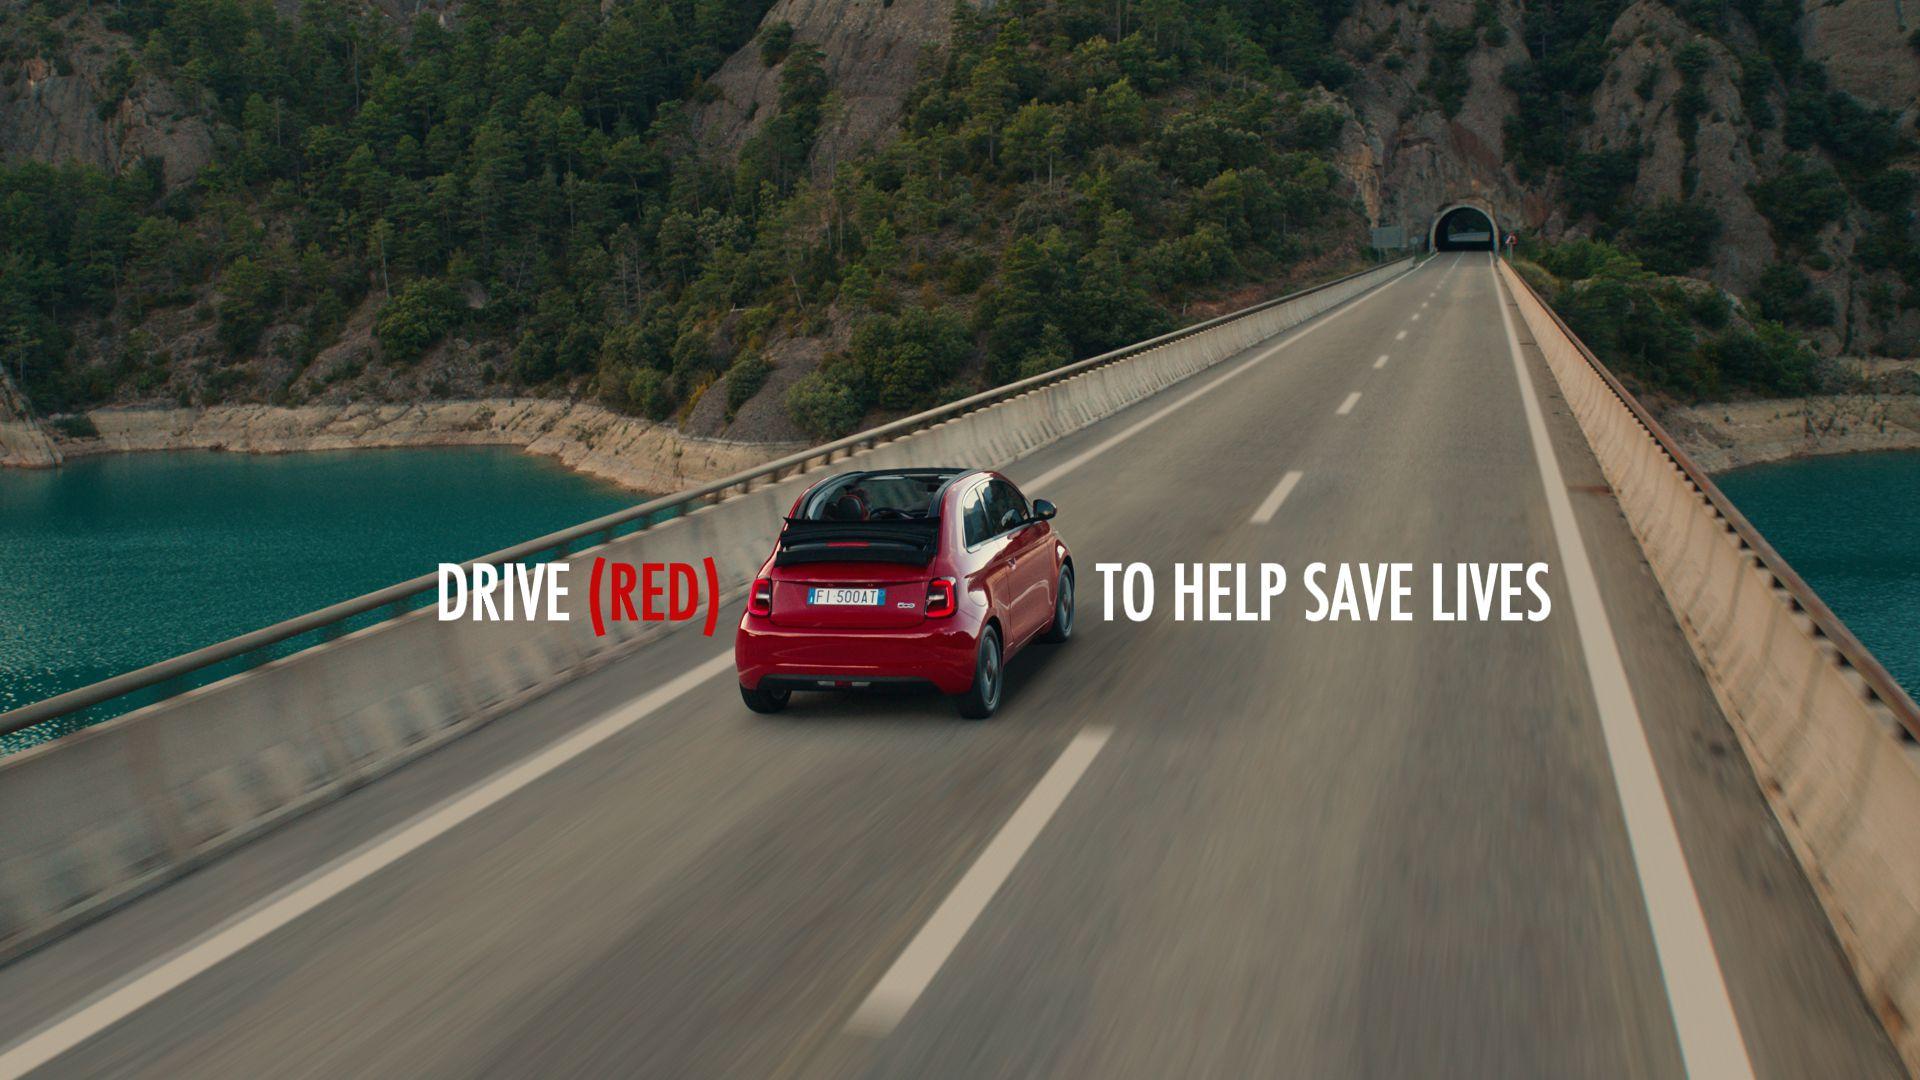 Anúncio publicitário do Novo (500)RED já em exibição (vídeo) 13